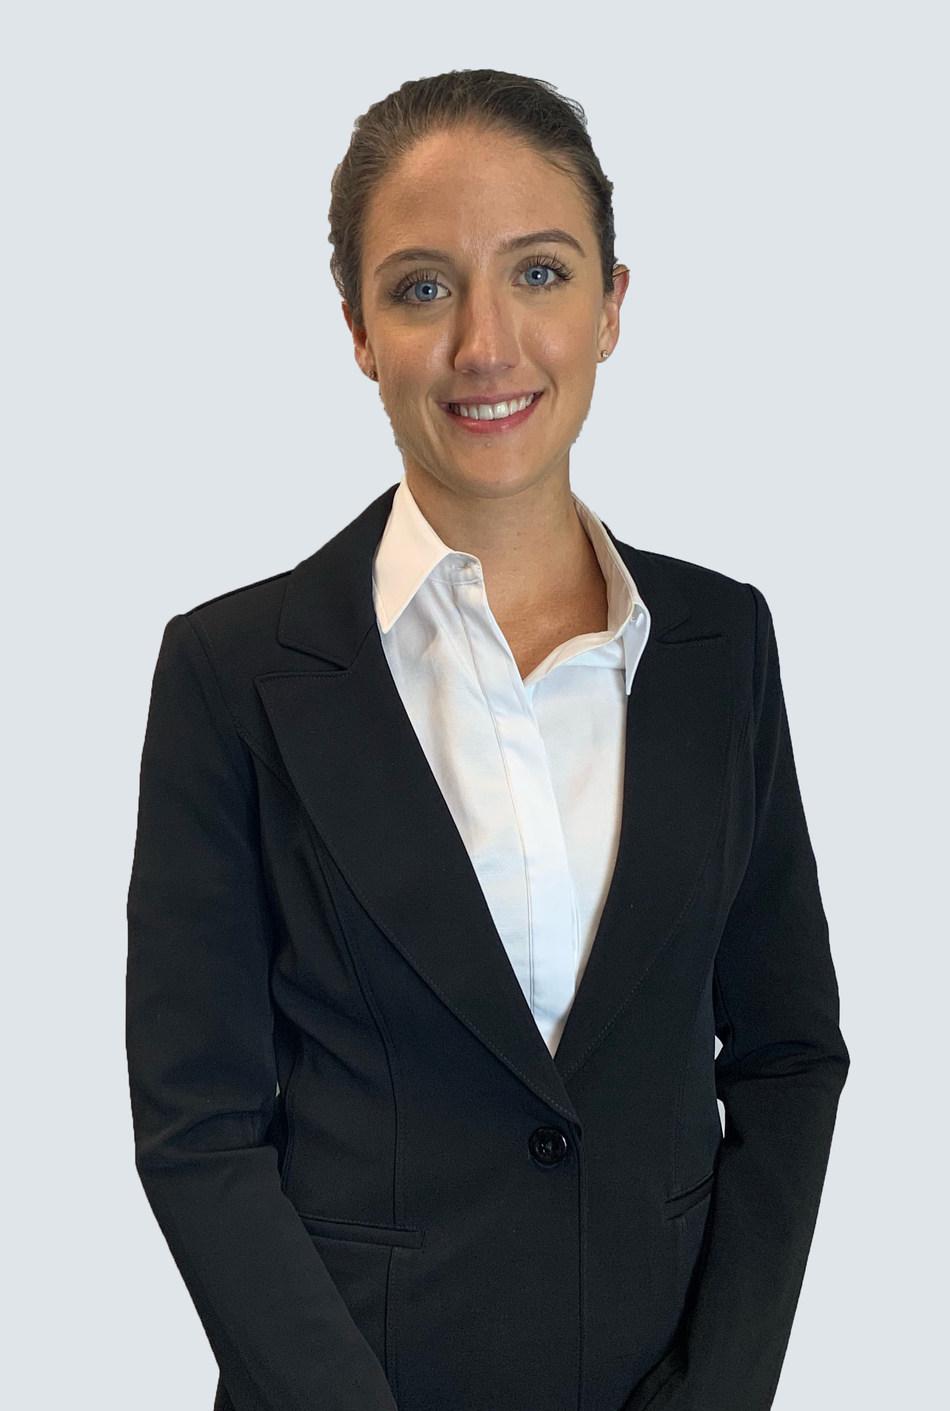 Tara L. Kelly